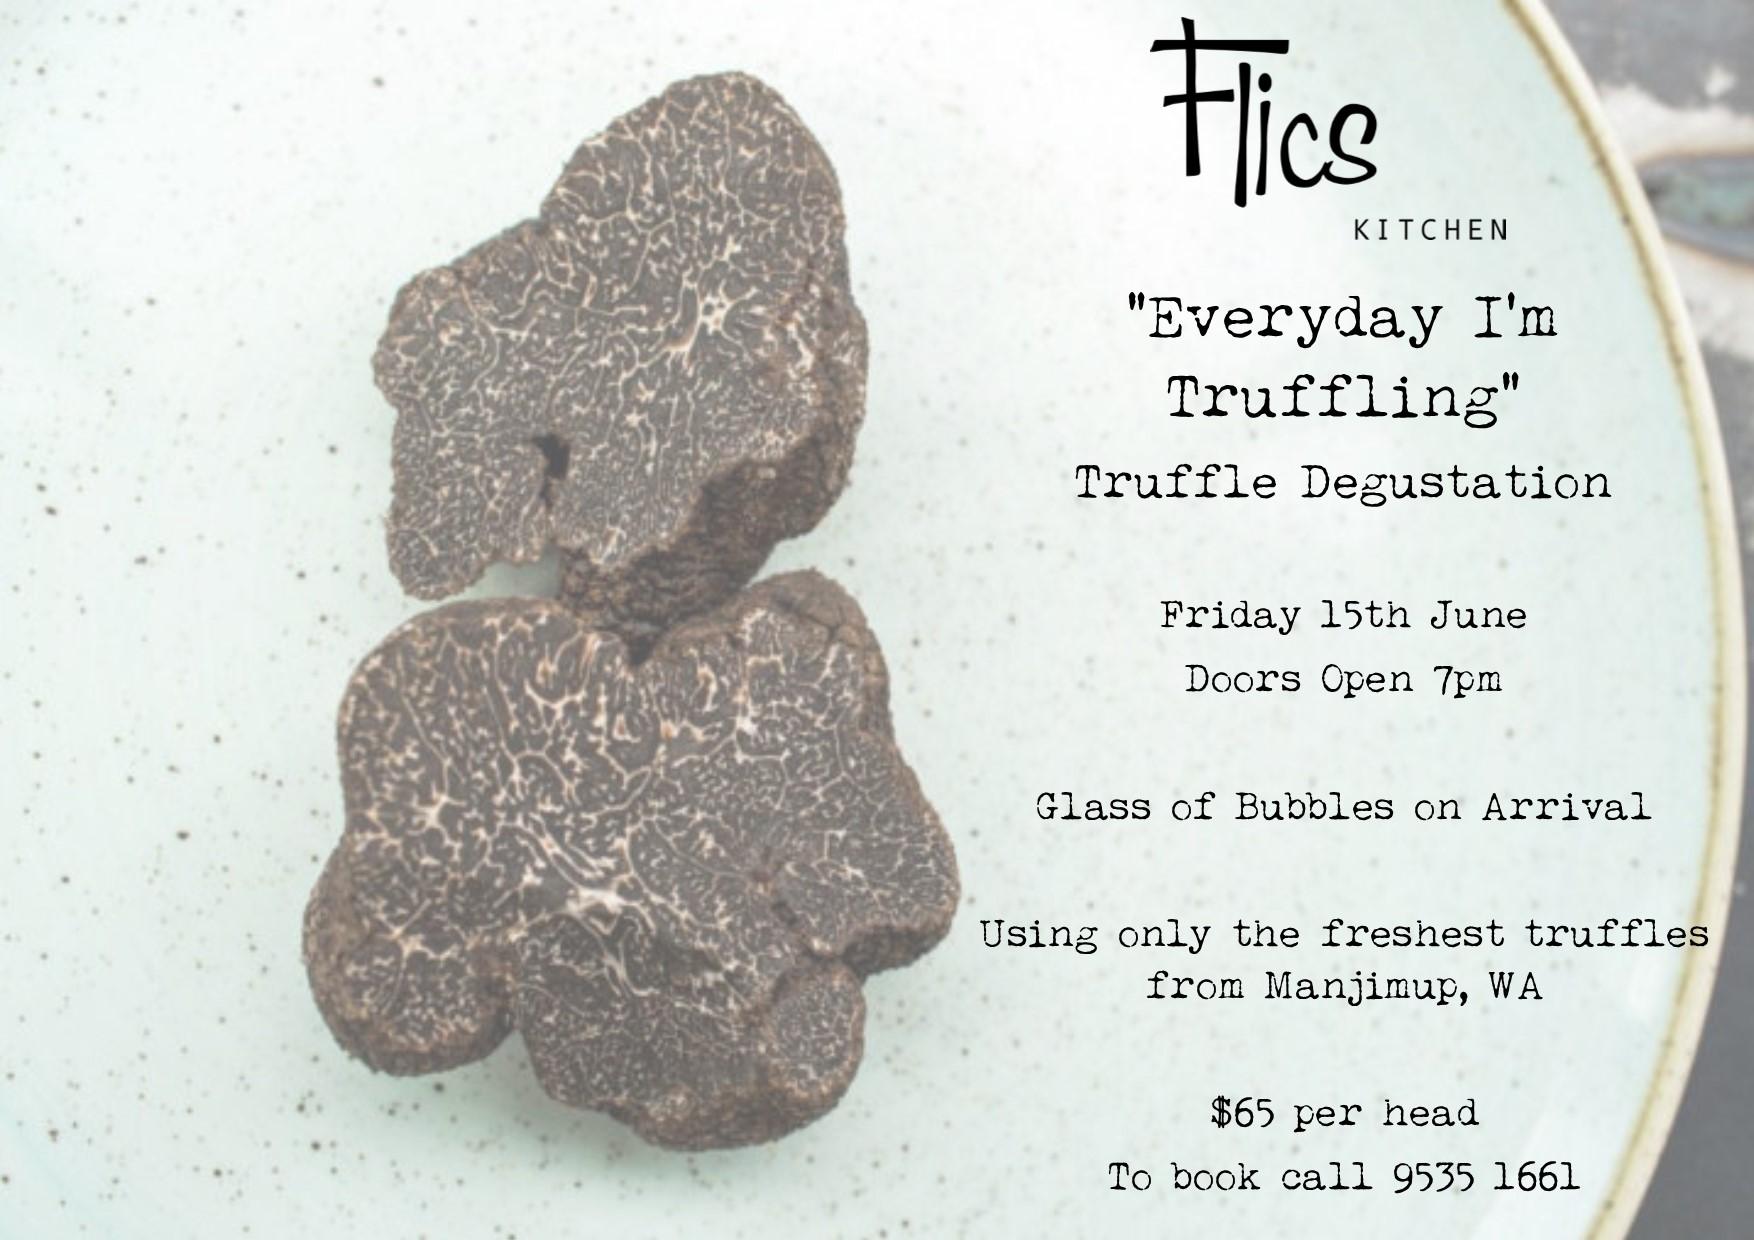 truffle dinner poster.jpg